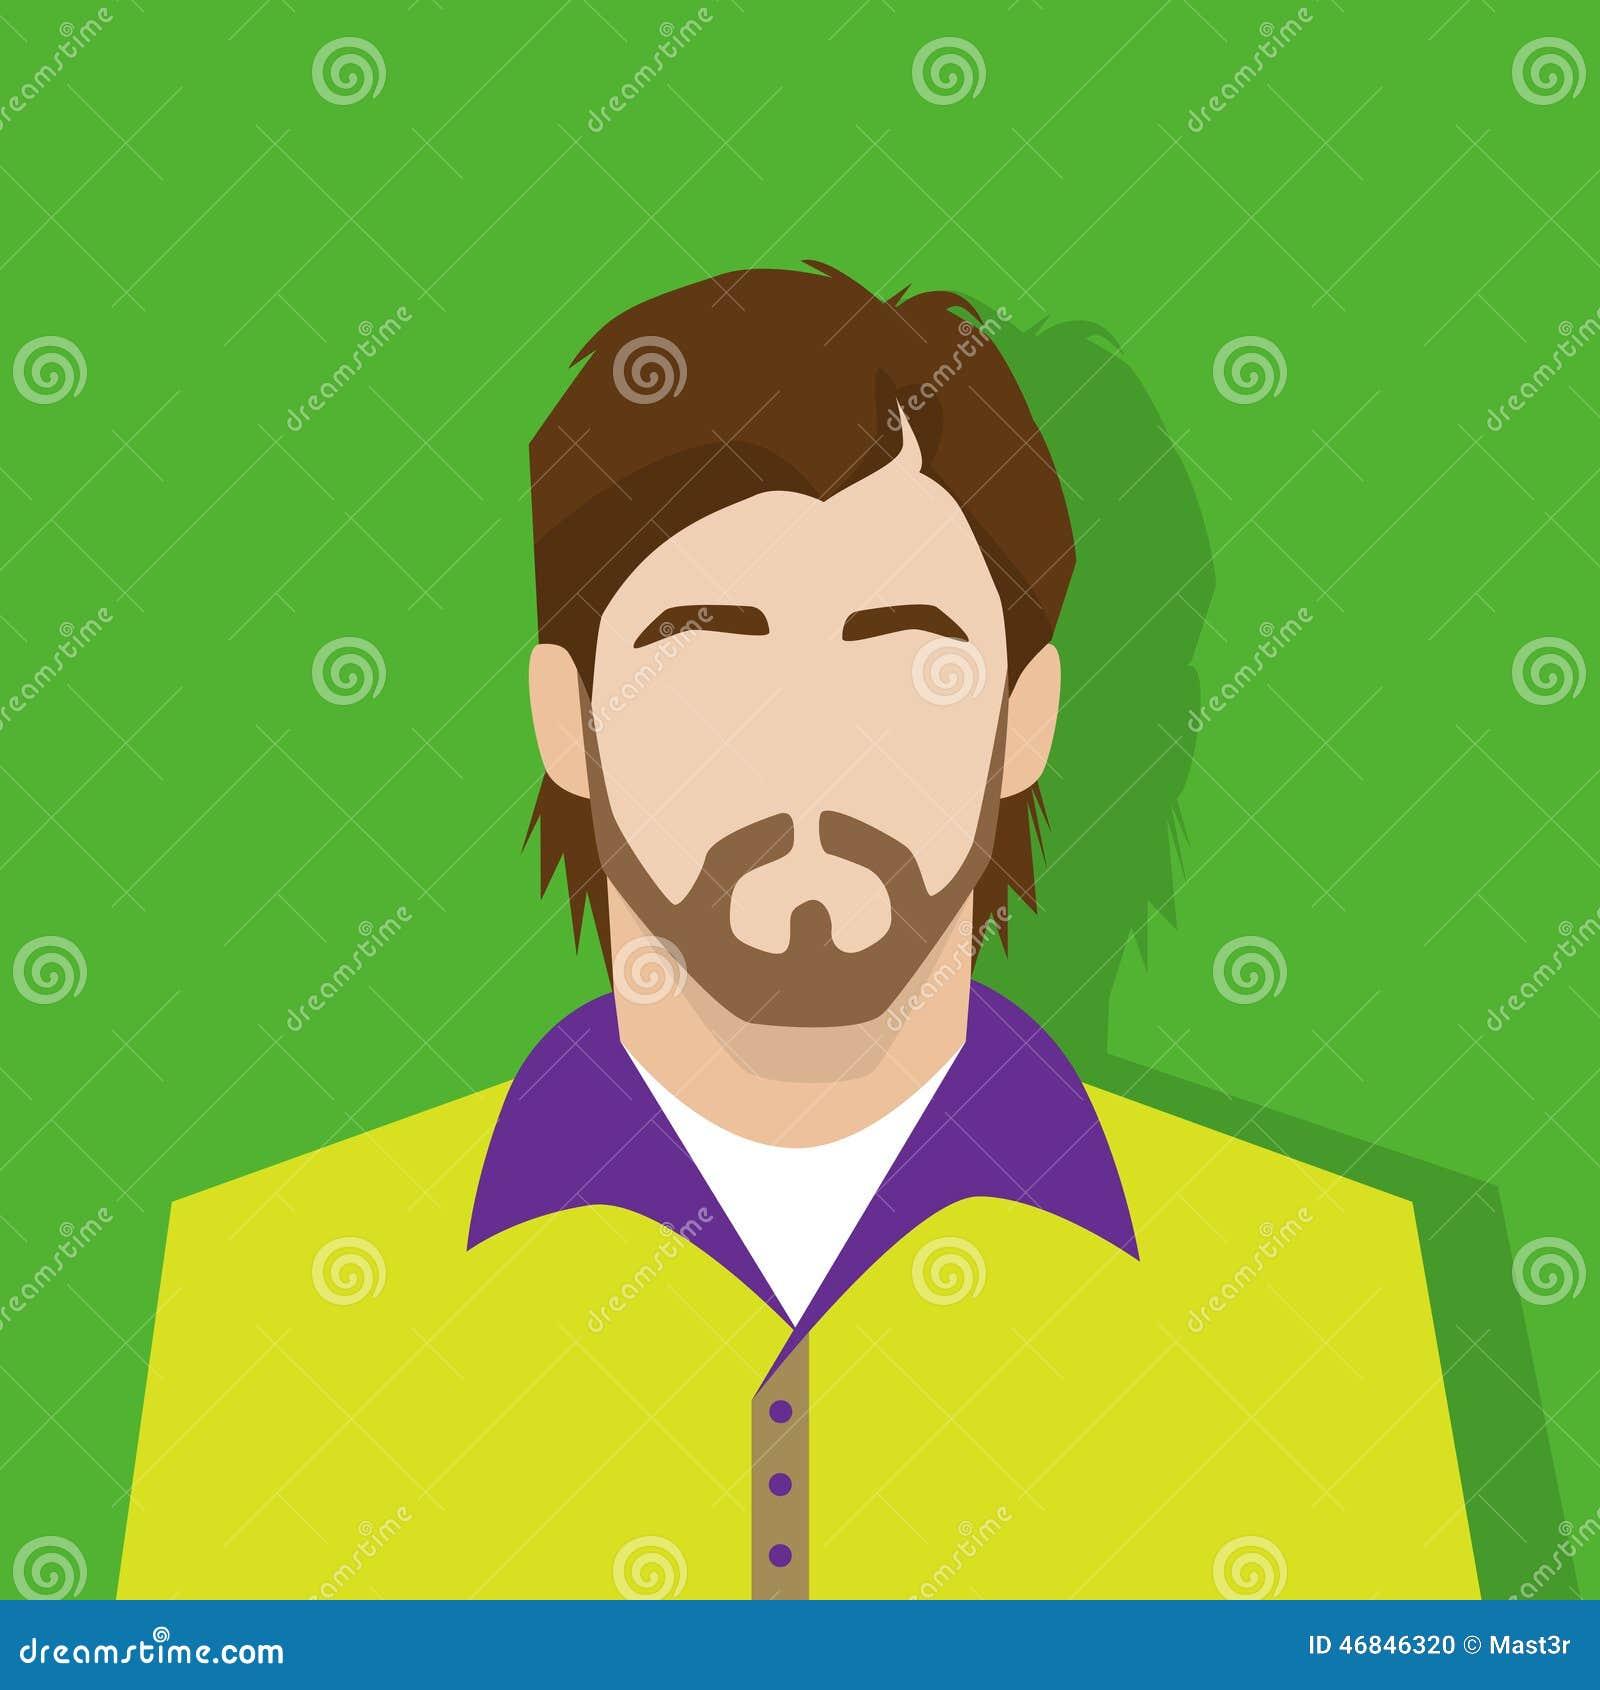 Profile Avatar: Profile Icon Male Avatar Portrait Casual Person Vector